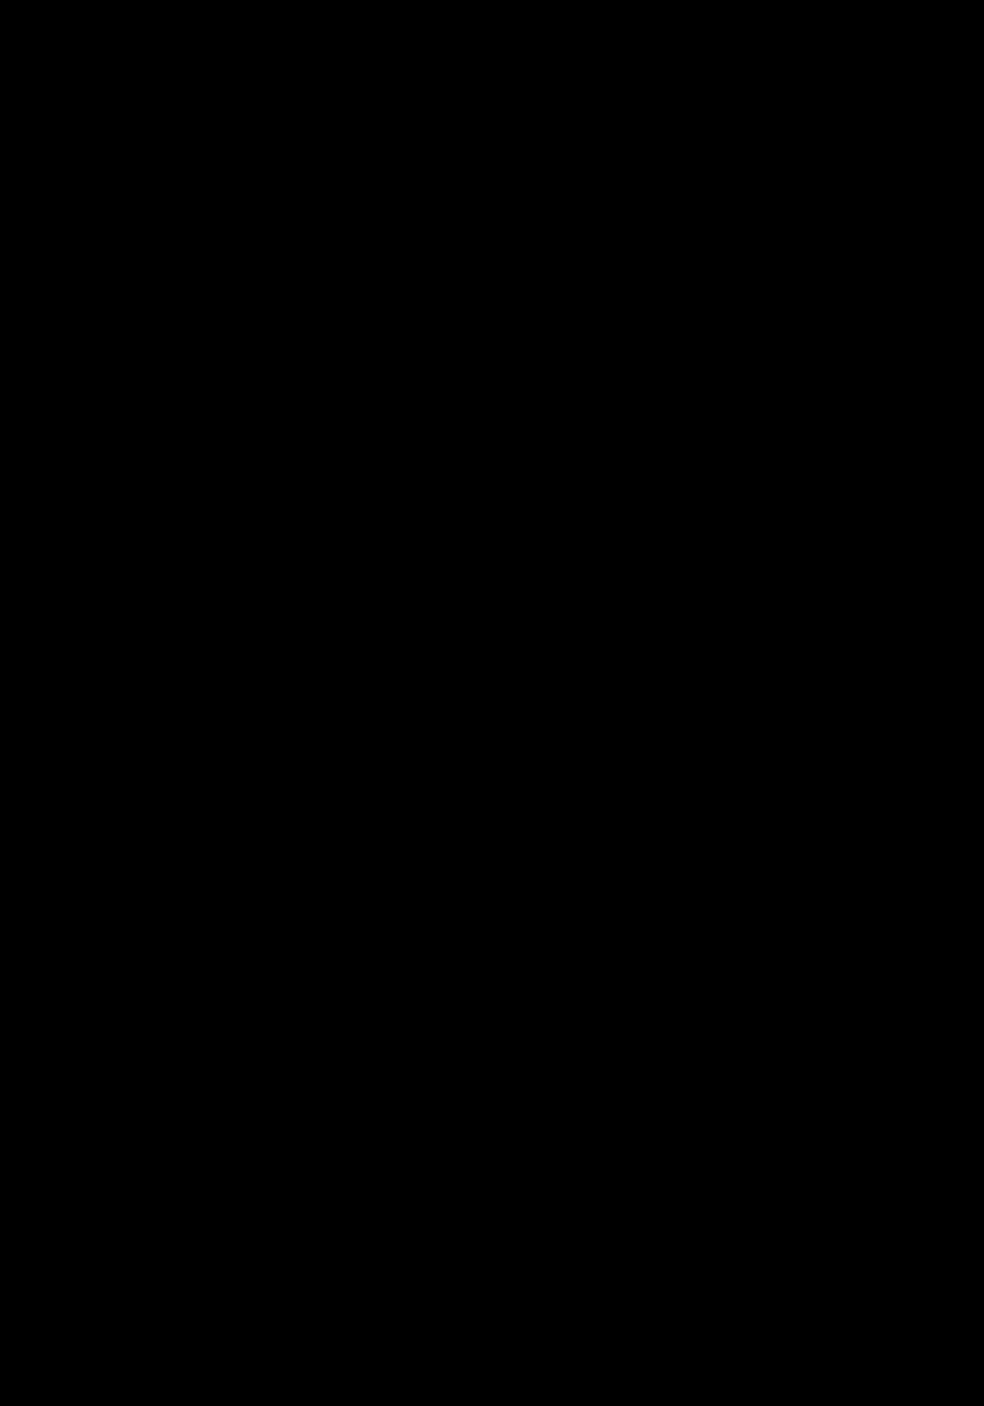 キッラミン L LKRM 横組見本